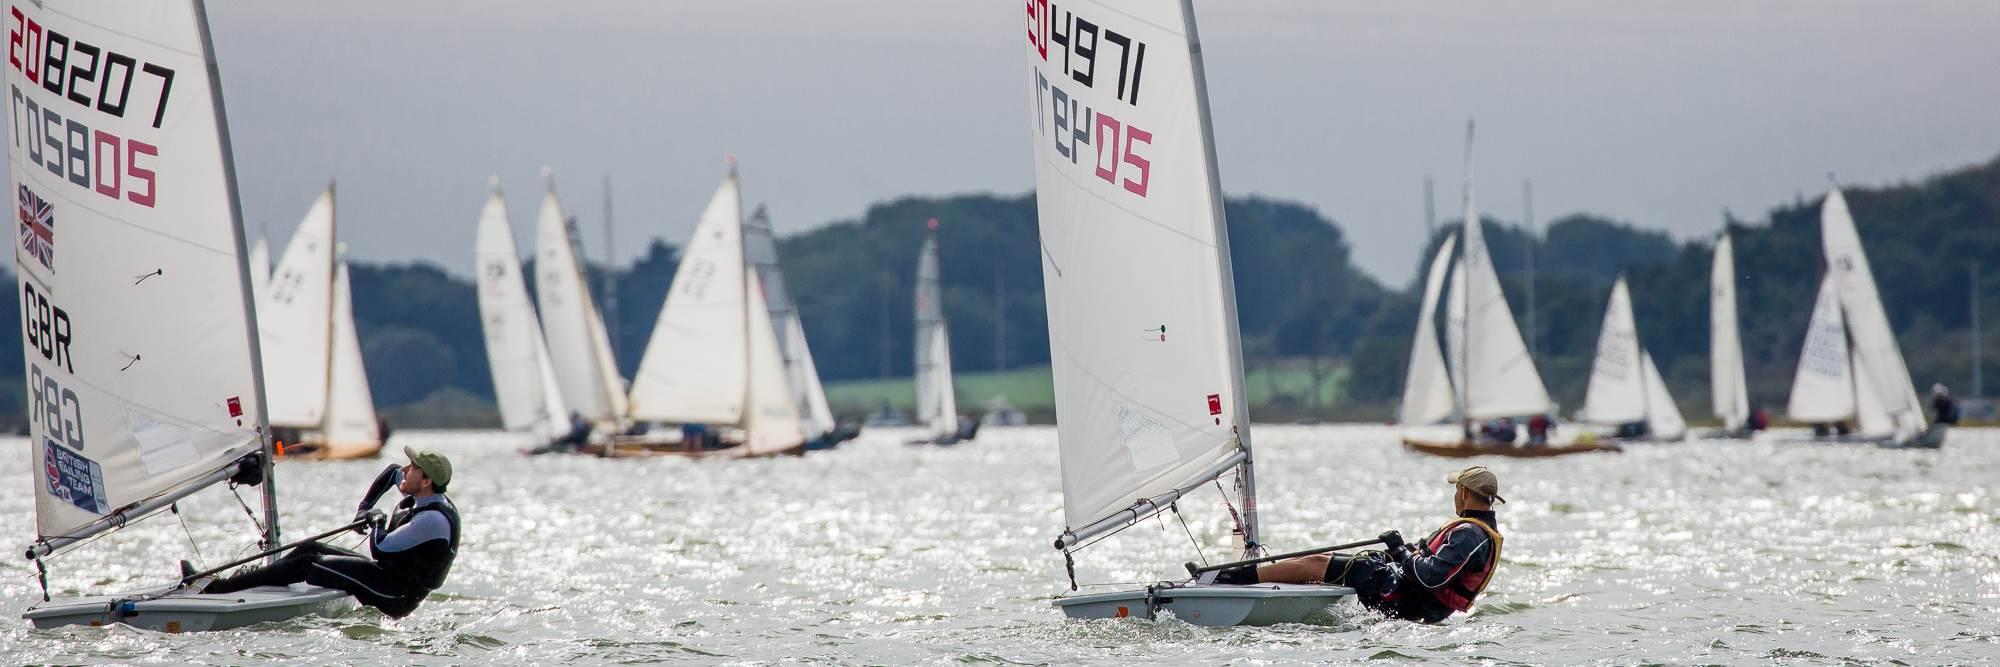 Waldringfield-Sailing-laser-sailing